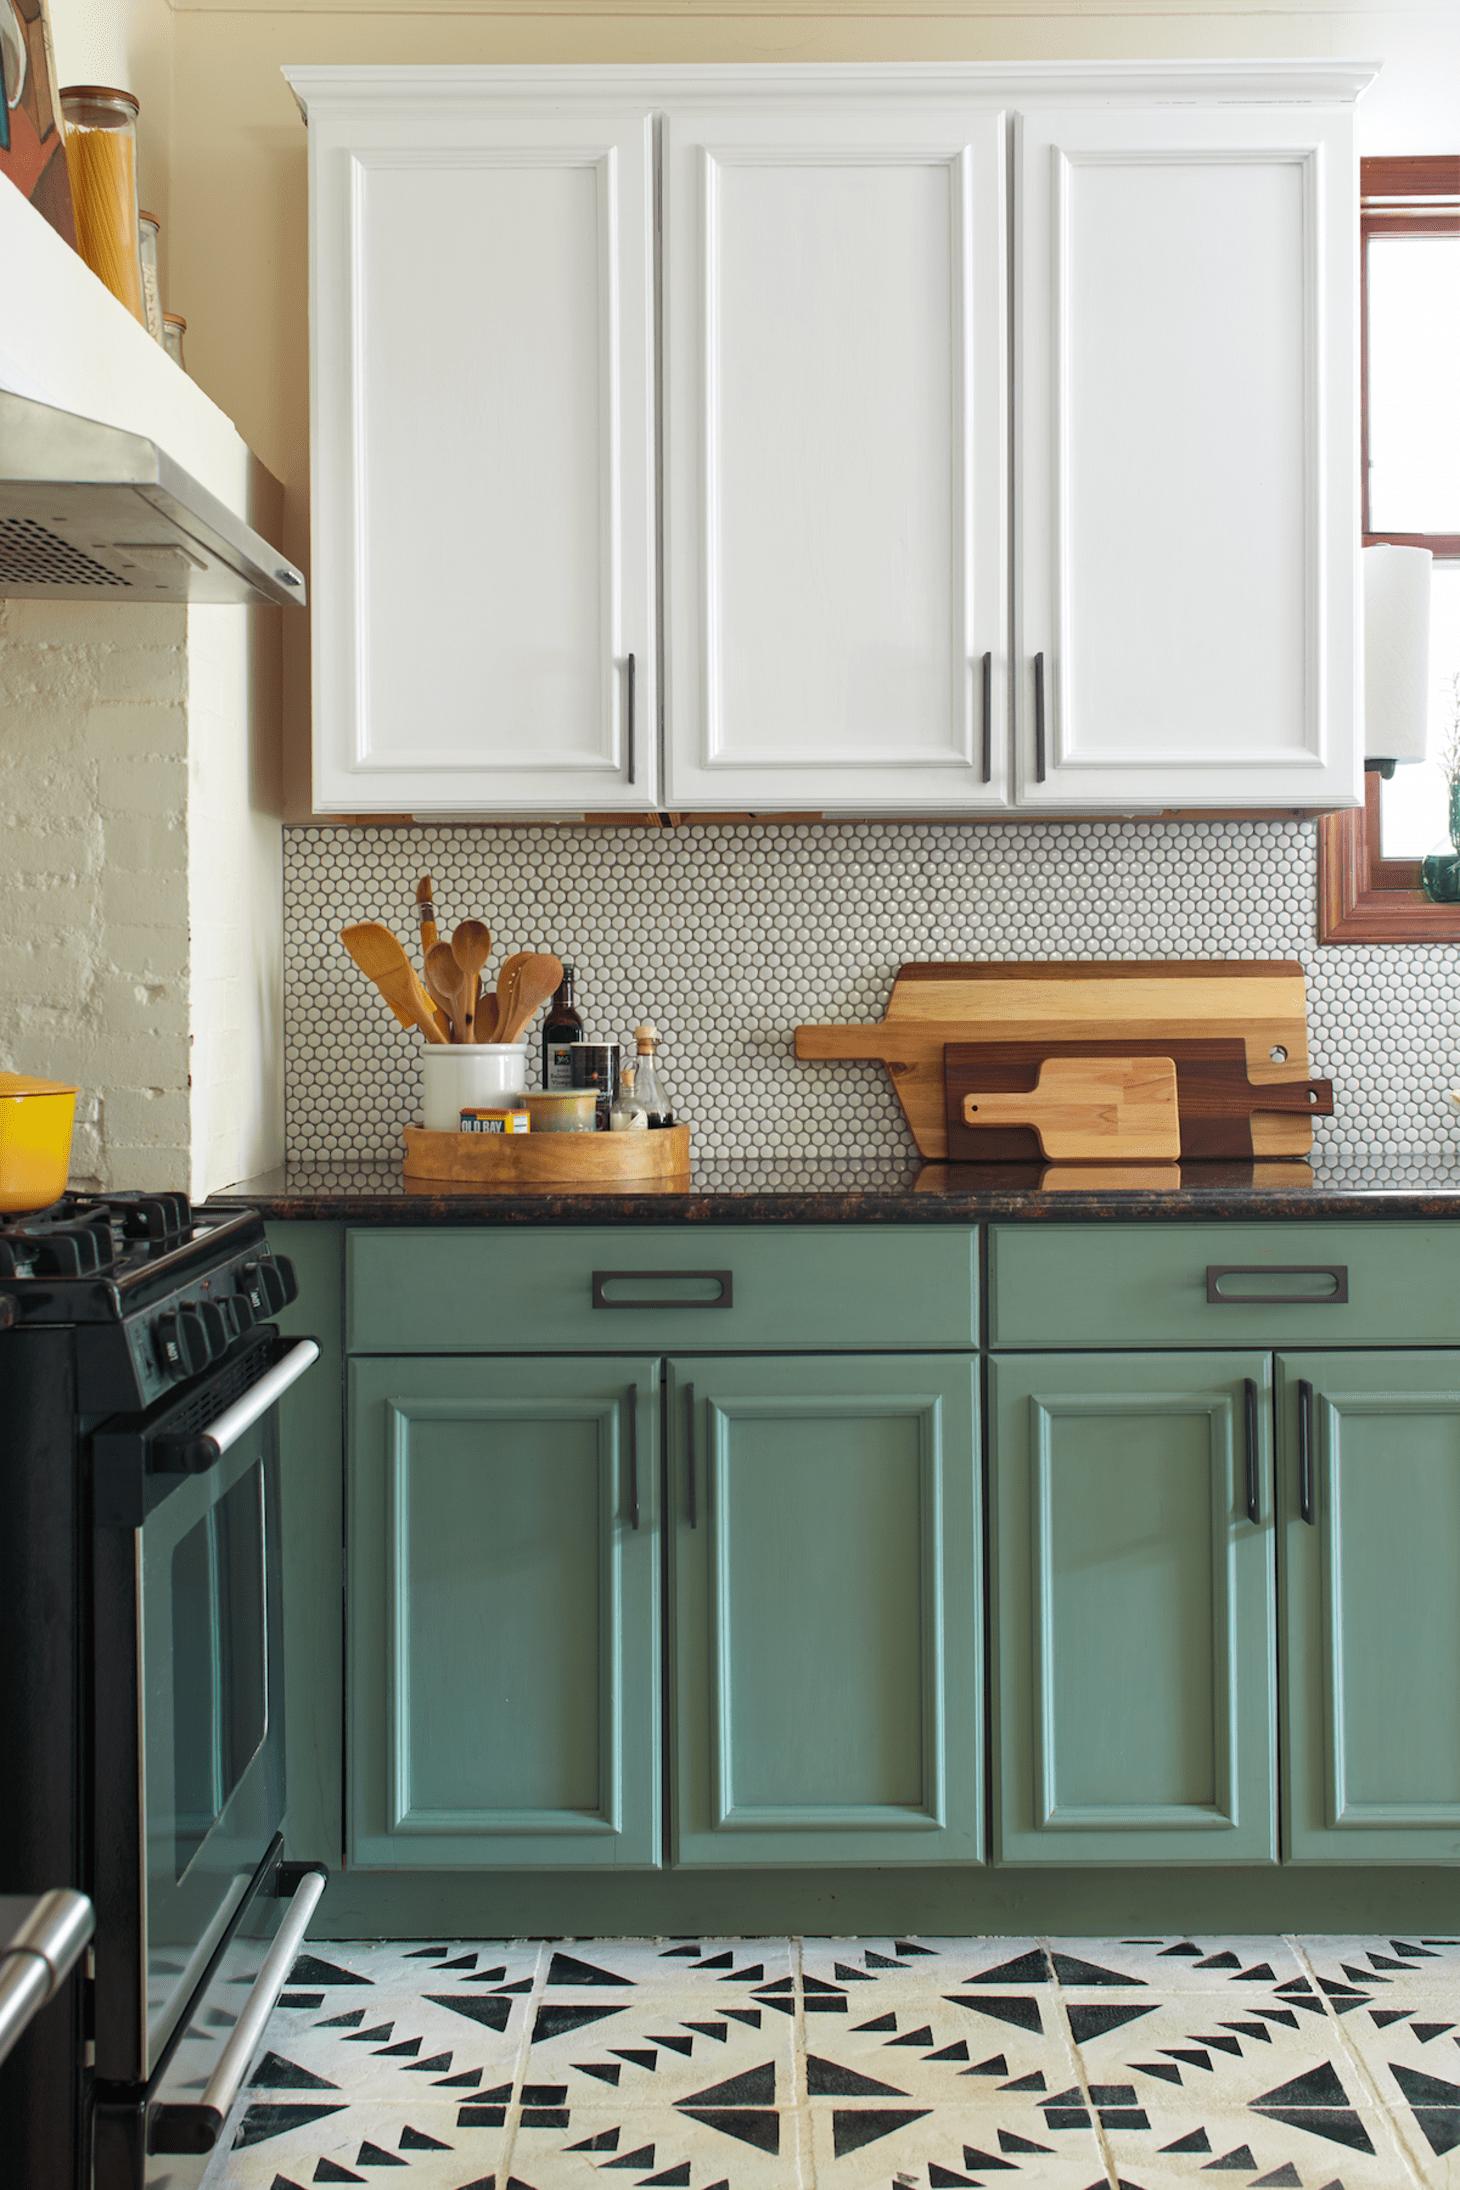 Gam màu xanh nhẹ nhàng giúp không gian tươi tắn, đẹp mắt và trẻ trung hơn